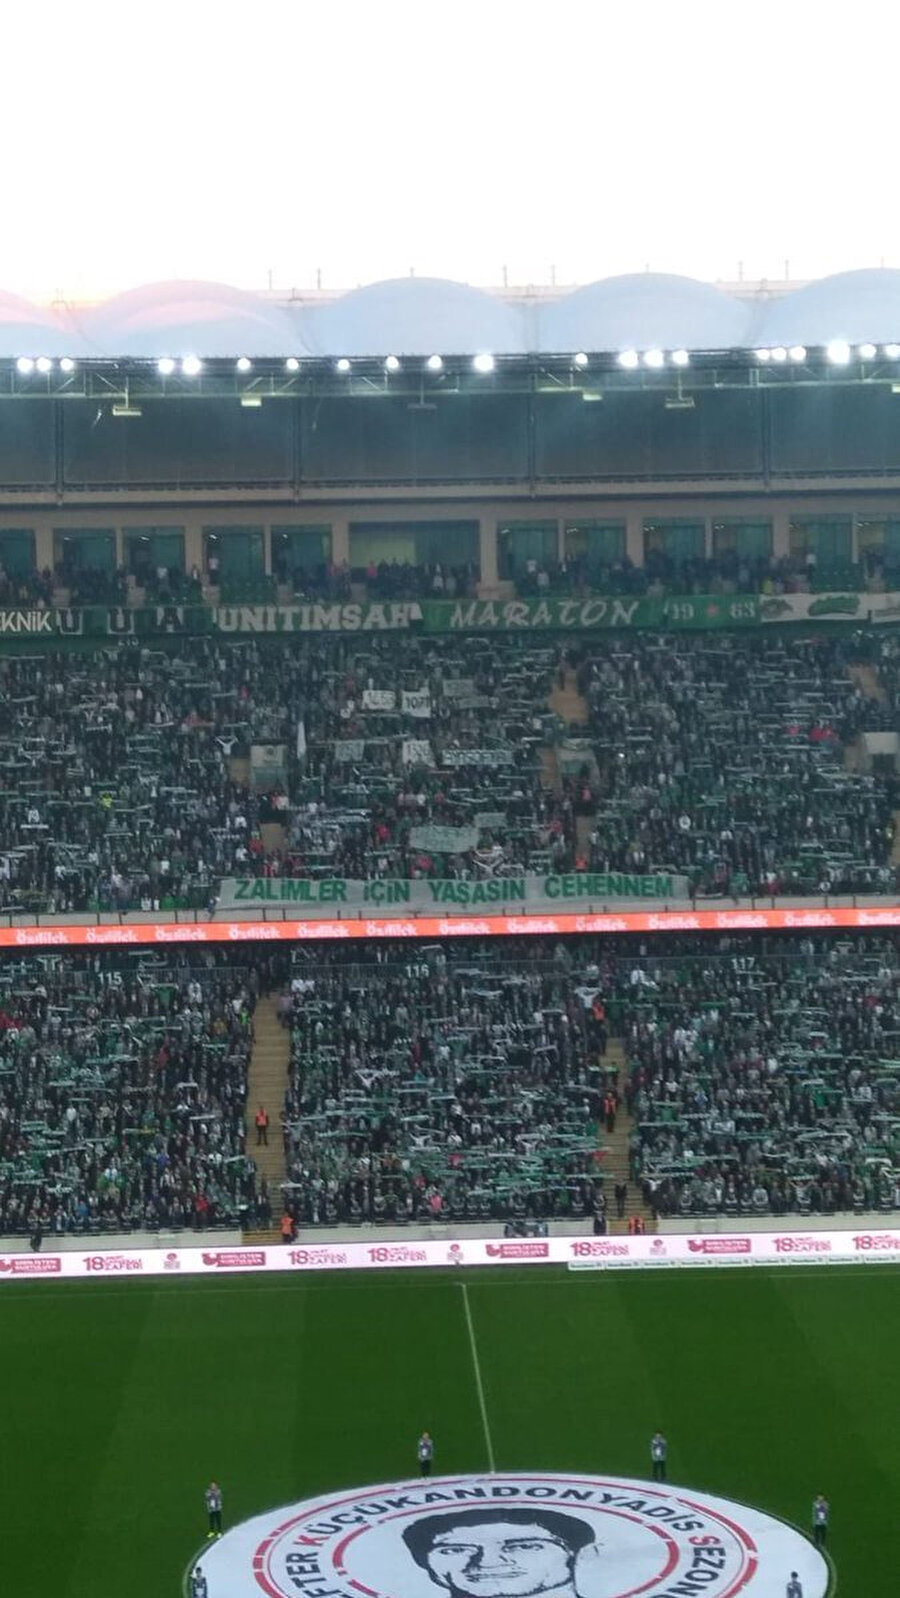 Bursaspor tribünleri, 'Zalimler İçin Yaşasın Cehennem' pankartı açtı.